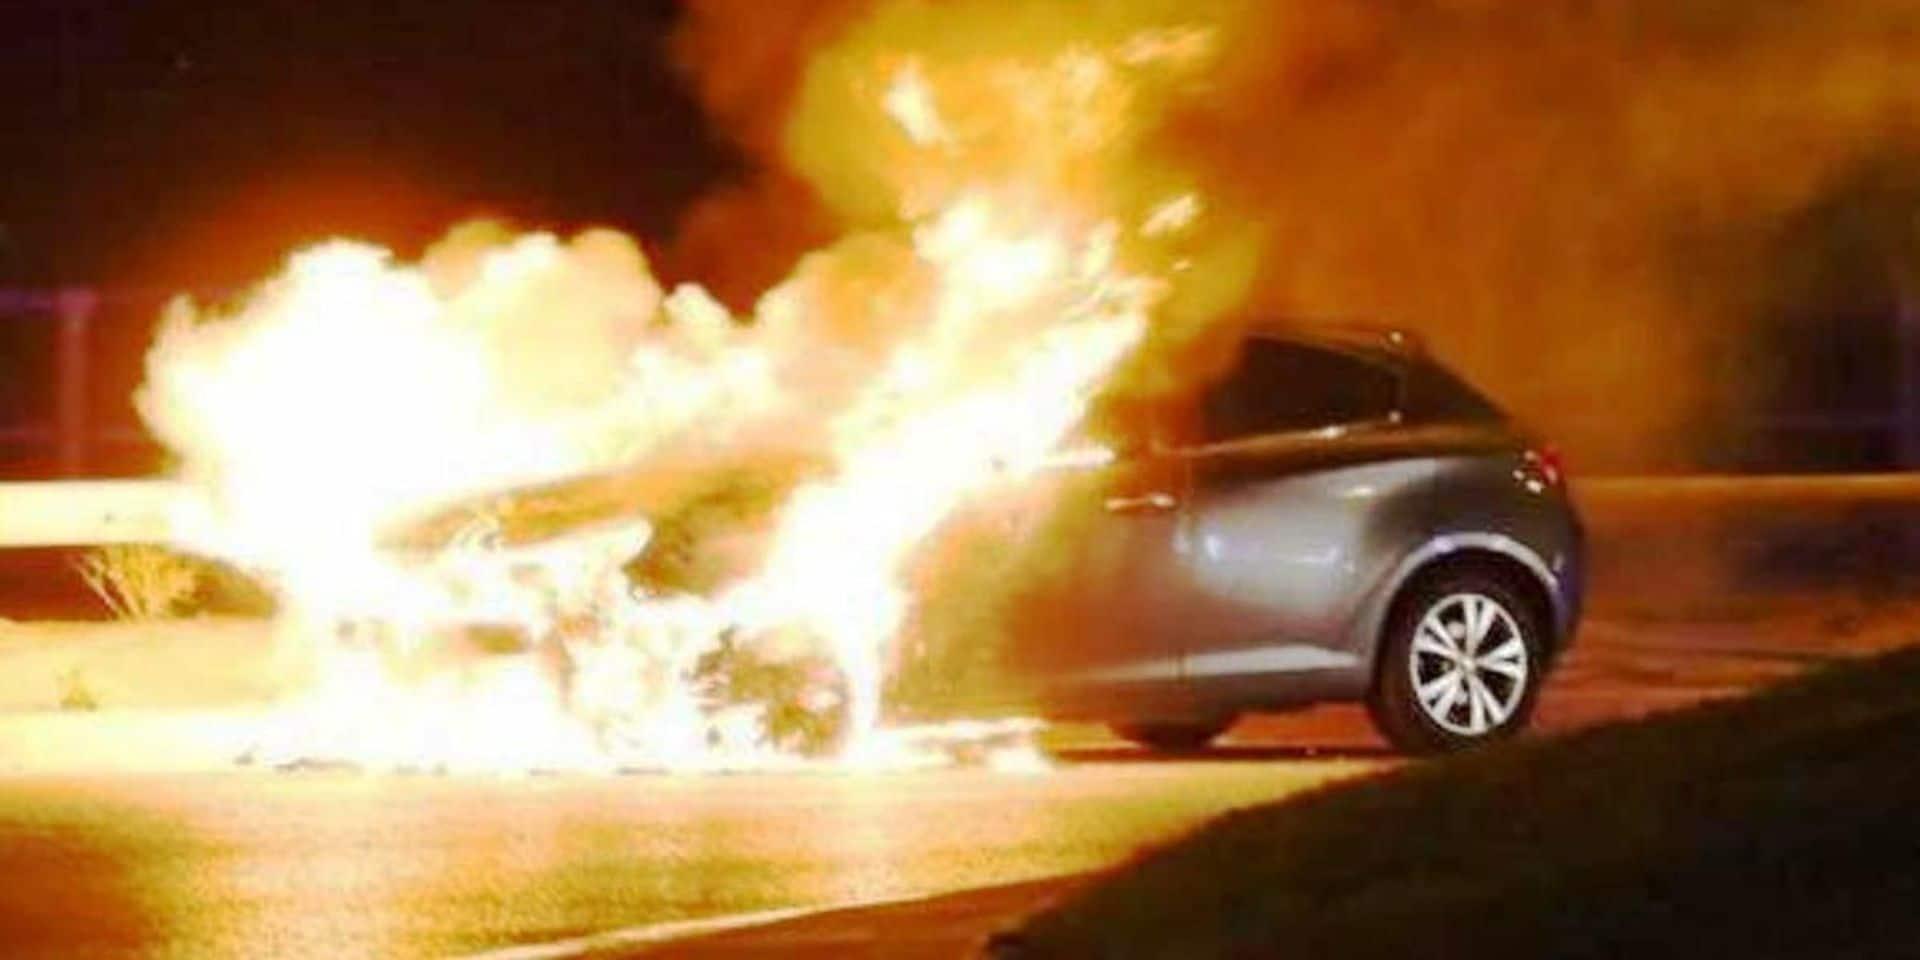 Feu de voiture au Thier de Luzery à Bastogne : un incendie volontaire